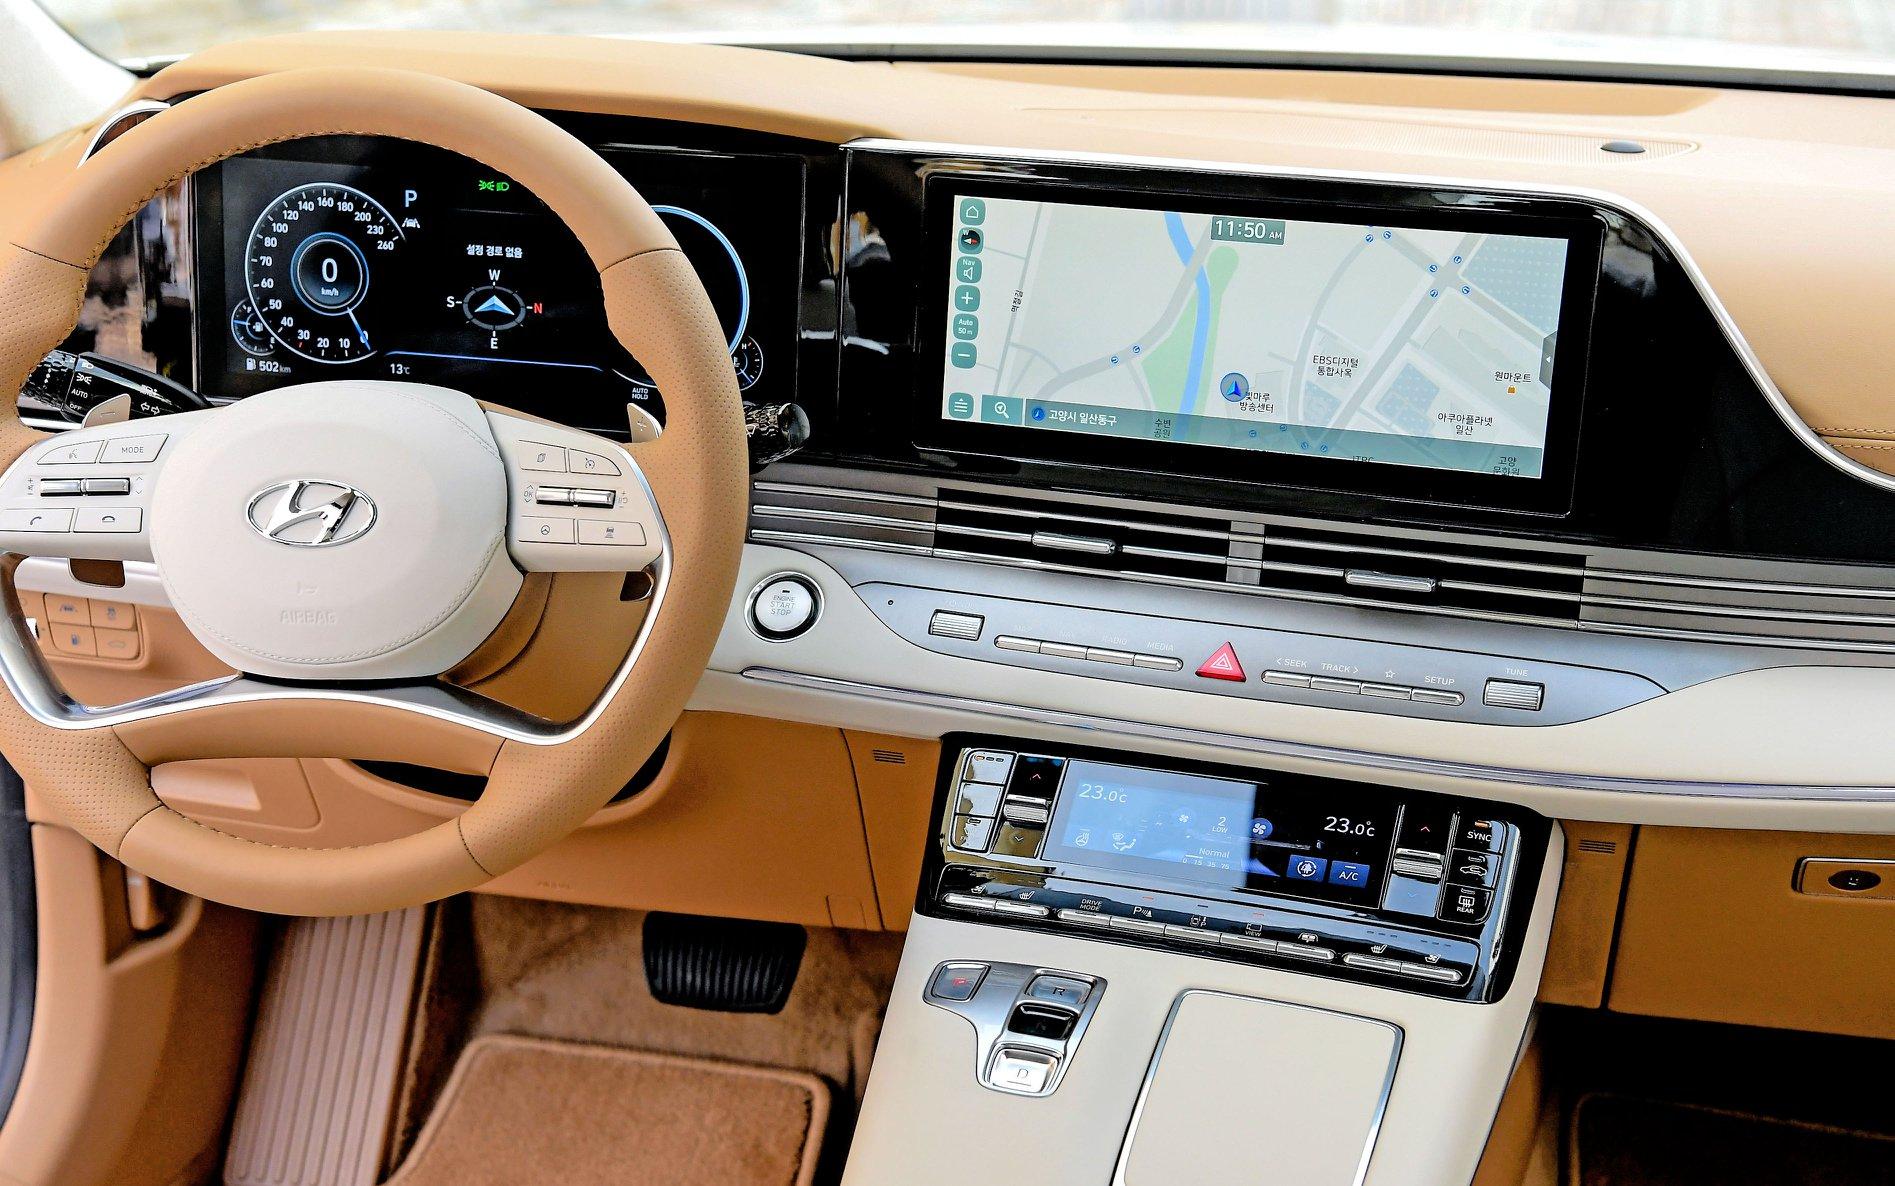 2020-Hyundai-Grandeur-Korea-spec-34.jpg